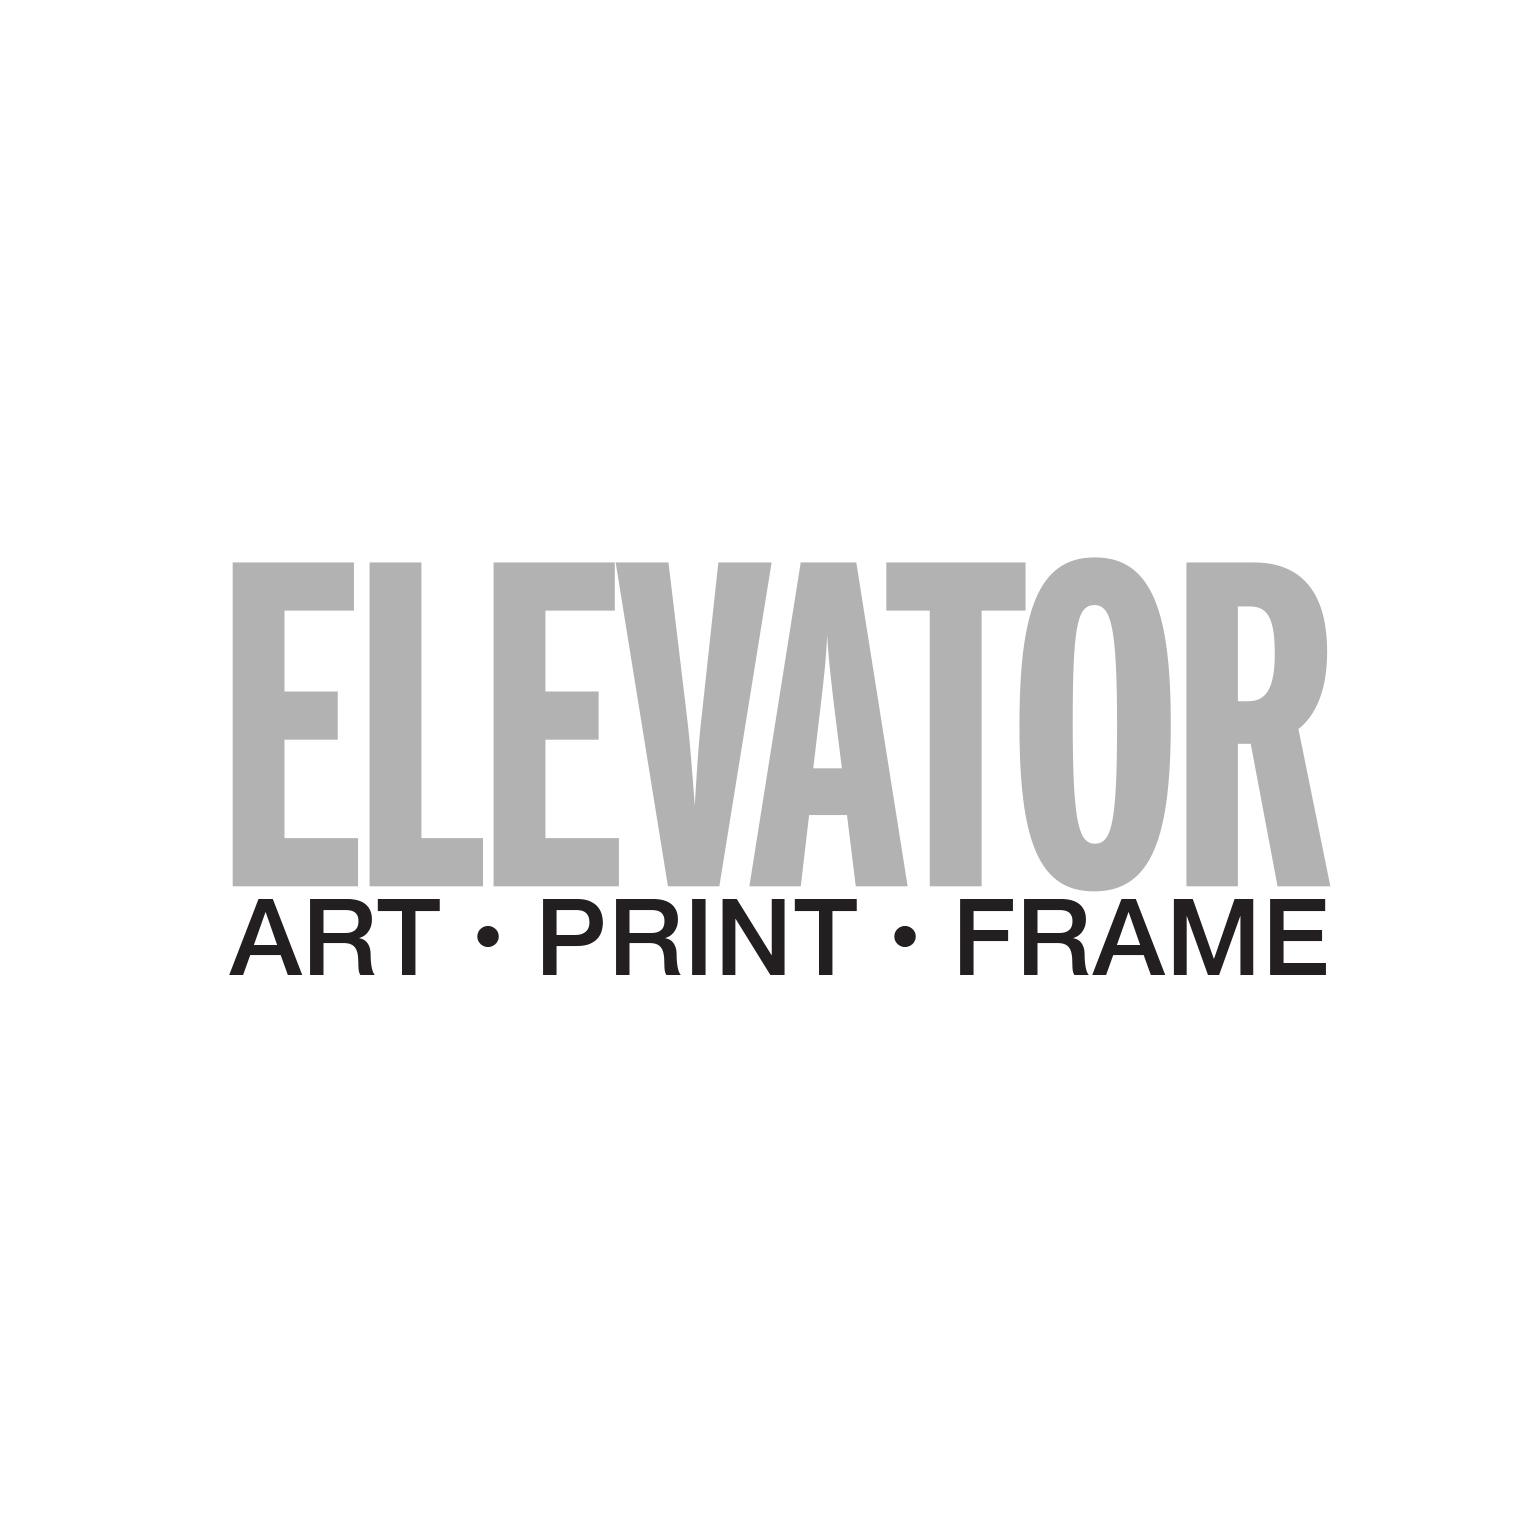 Kevin Viner, Principal, Elevator Digital Ltd.